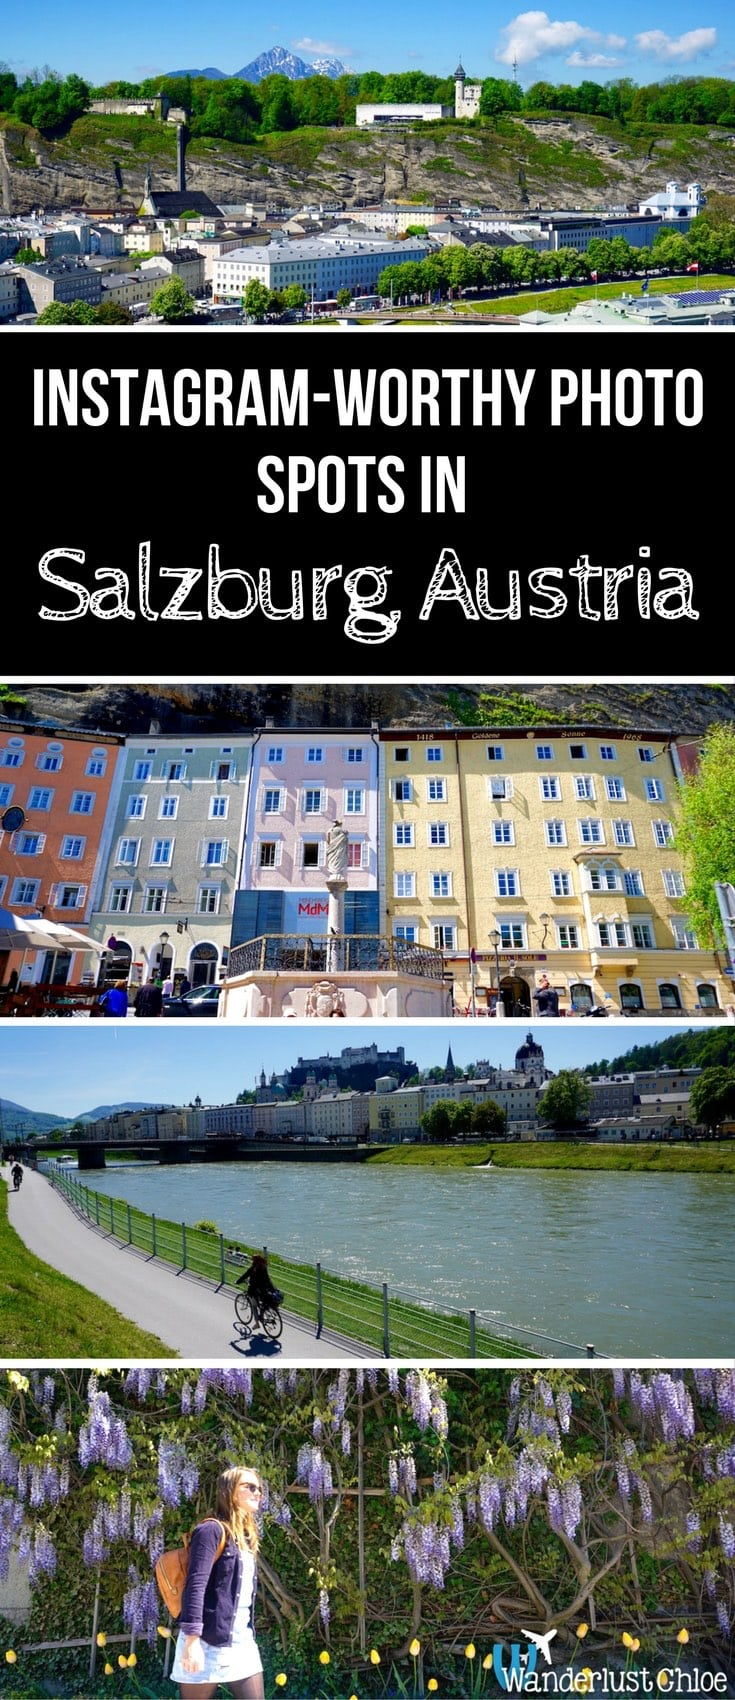 Instagram-Worthy Photo Spots In Salzburg, Austria